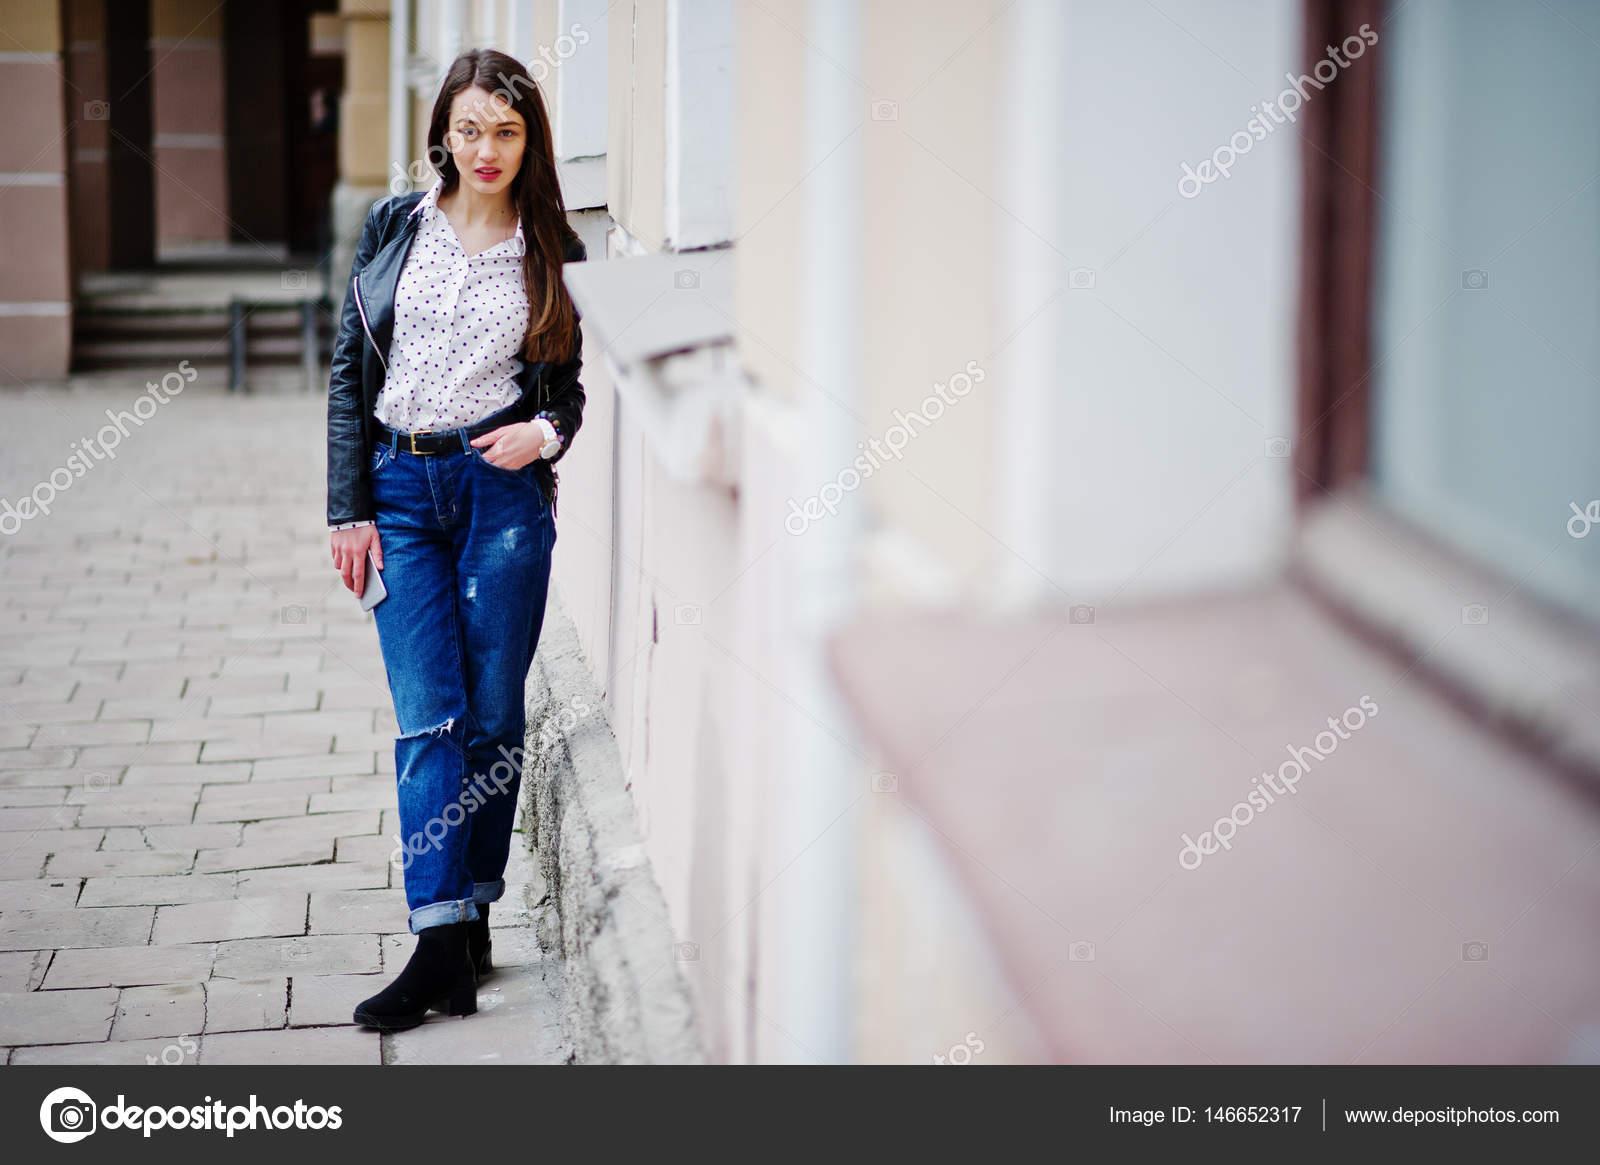 Retrato Elegante Cuero La Ripeado En Chaqueta Y Llevar De Joven rBqx7rv